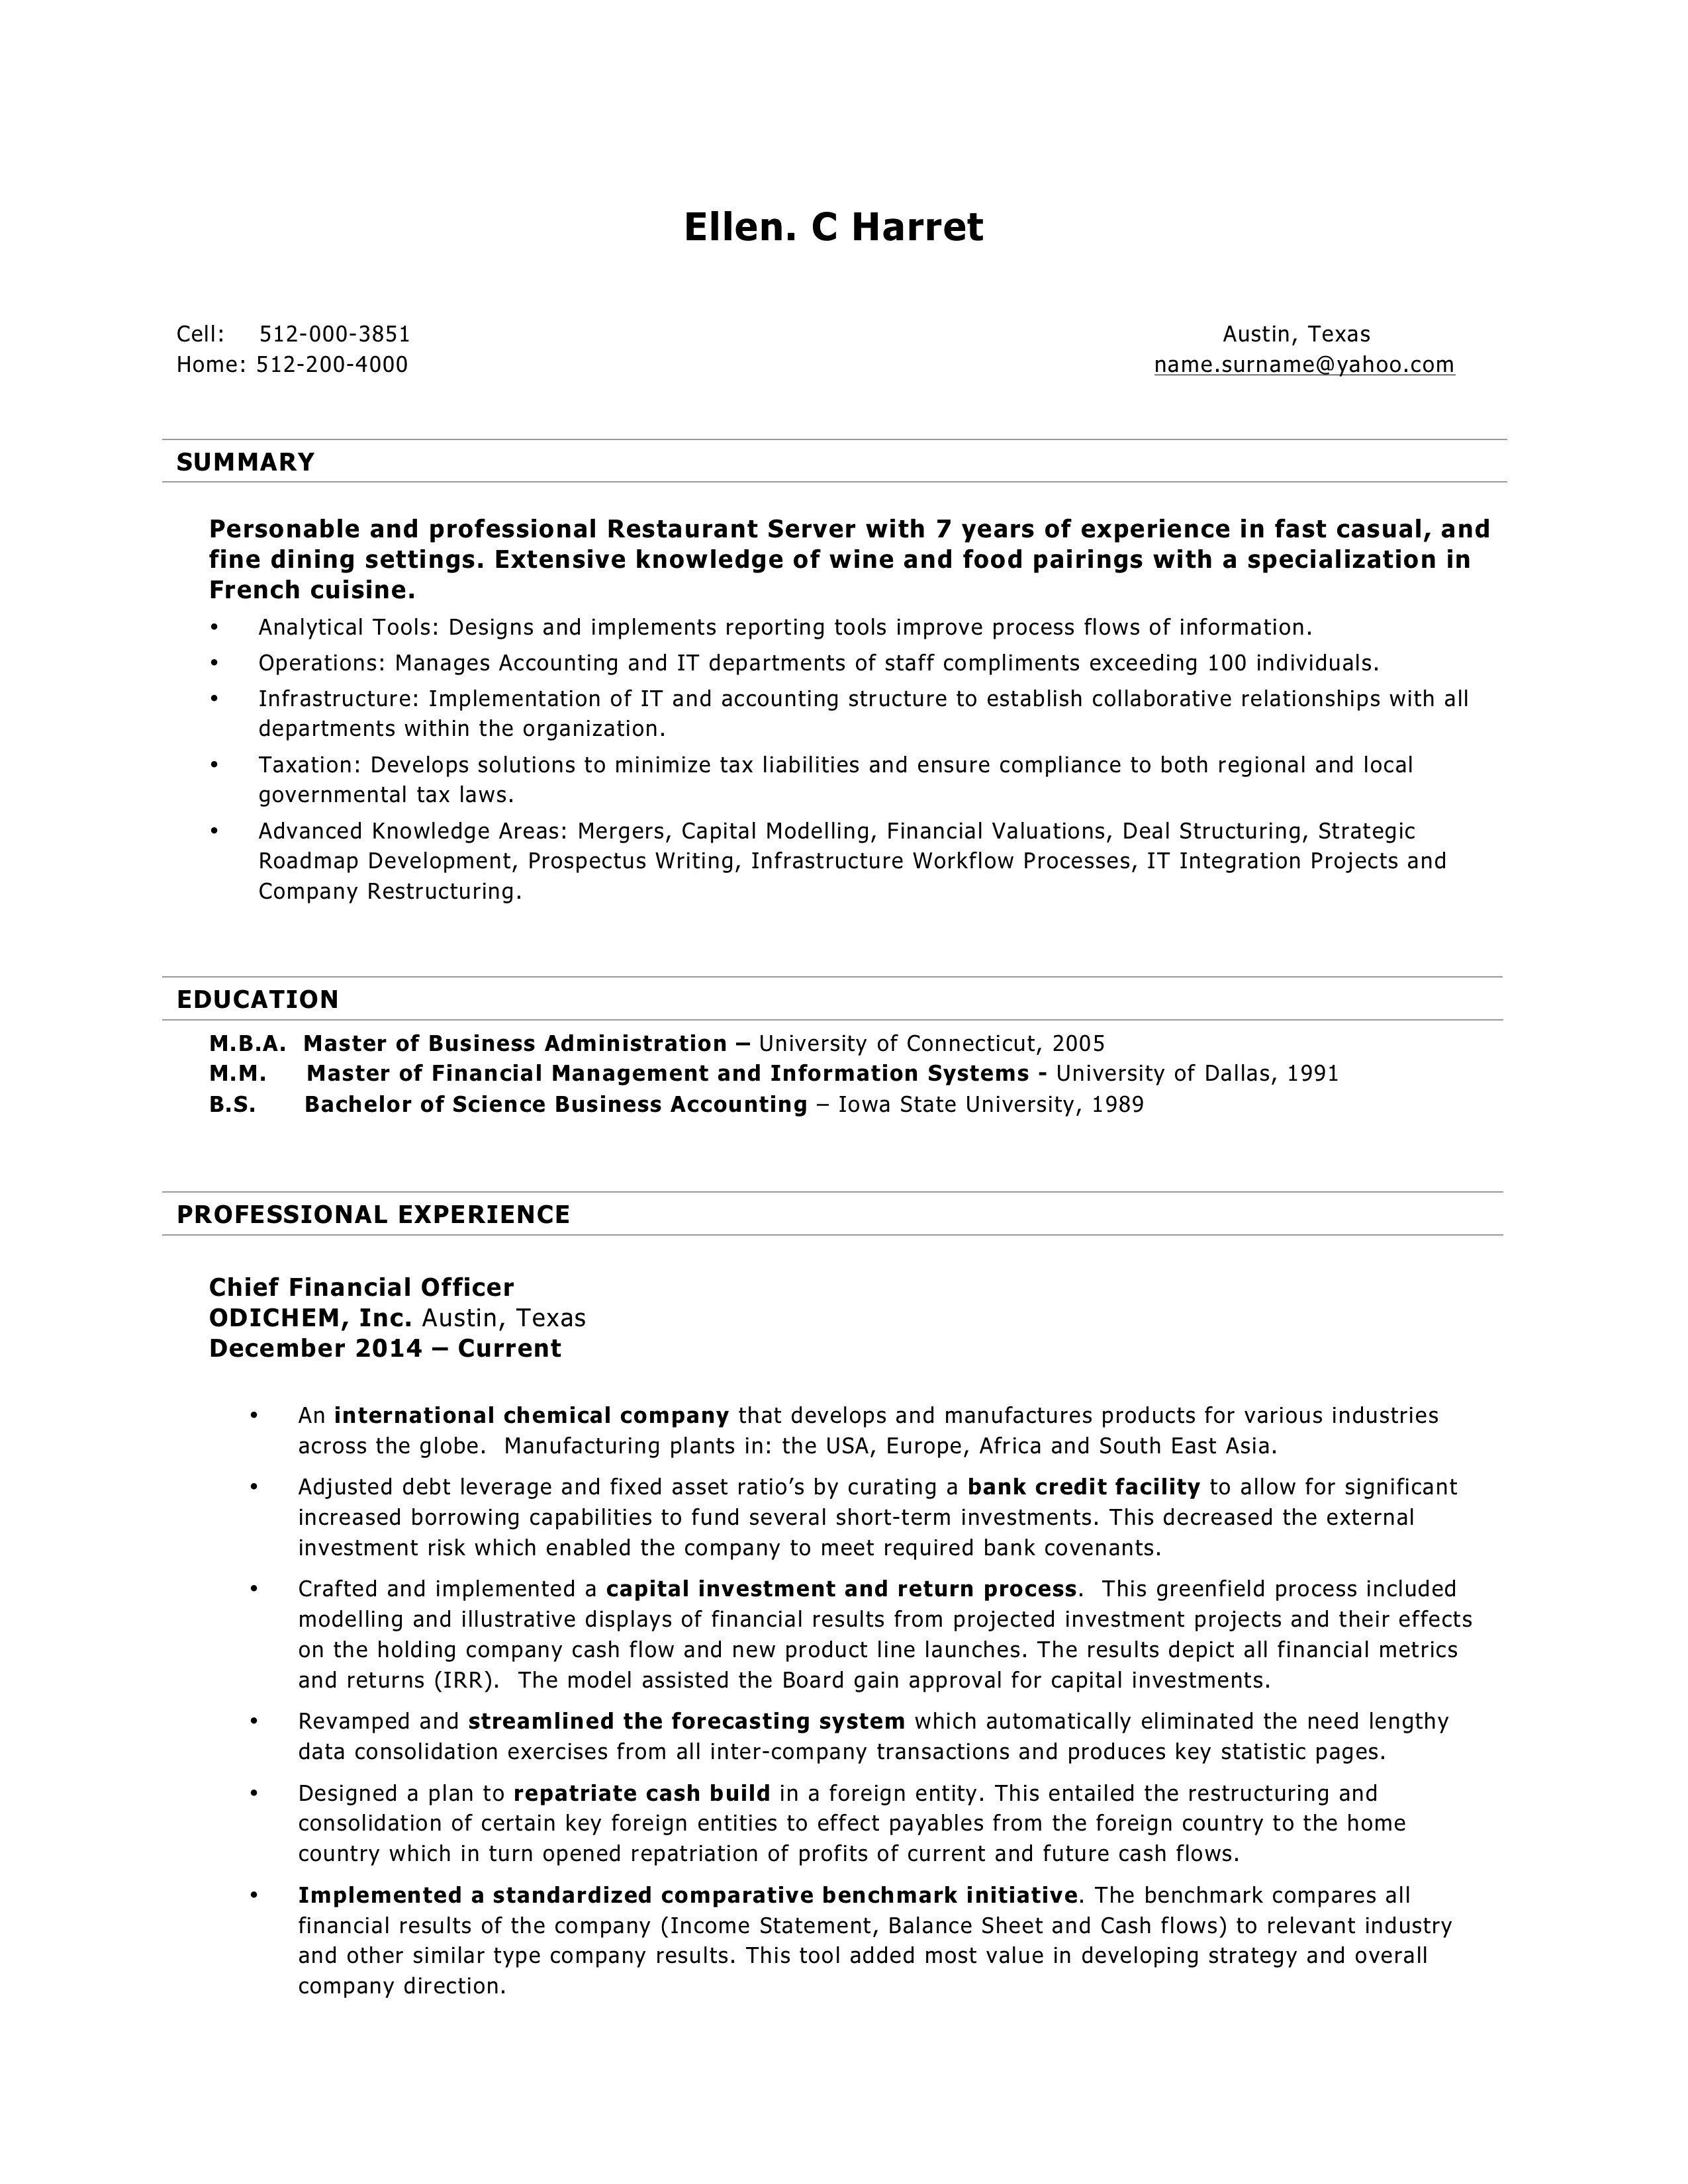 007 Best Resume Template On Microsoft Word Image  Sample 2007 Cv 2010Full